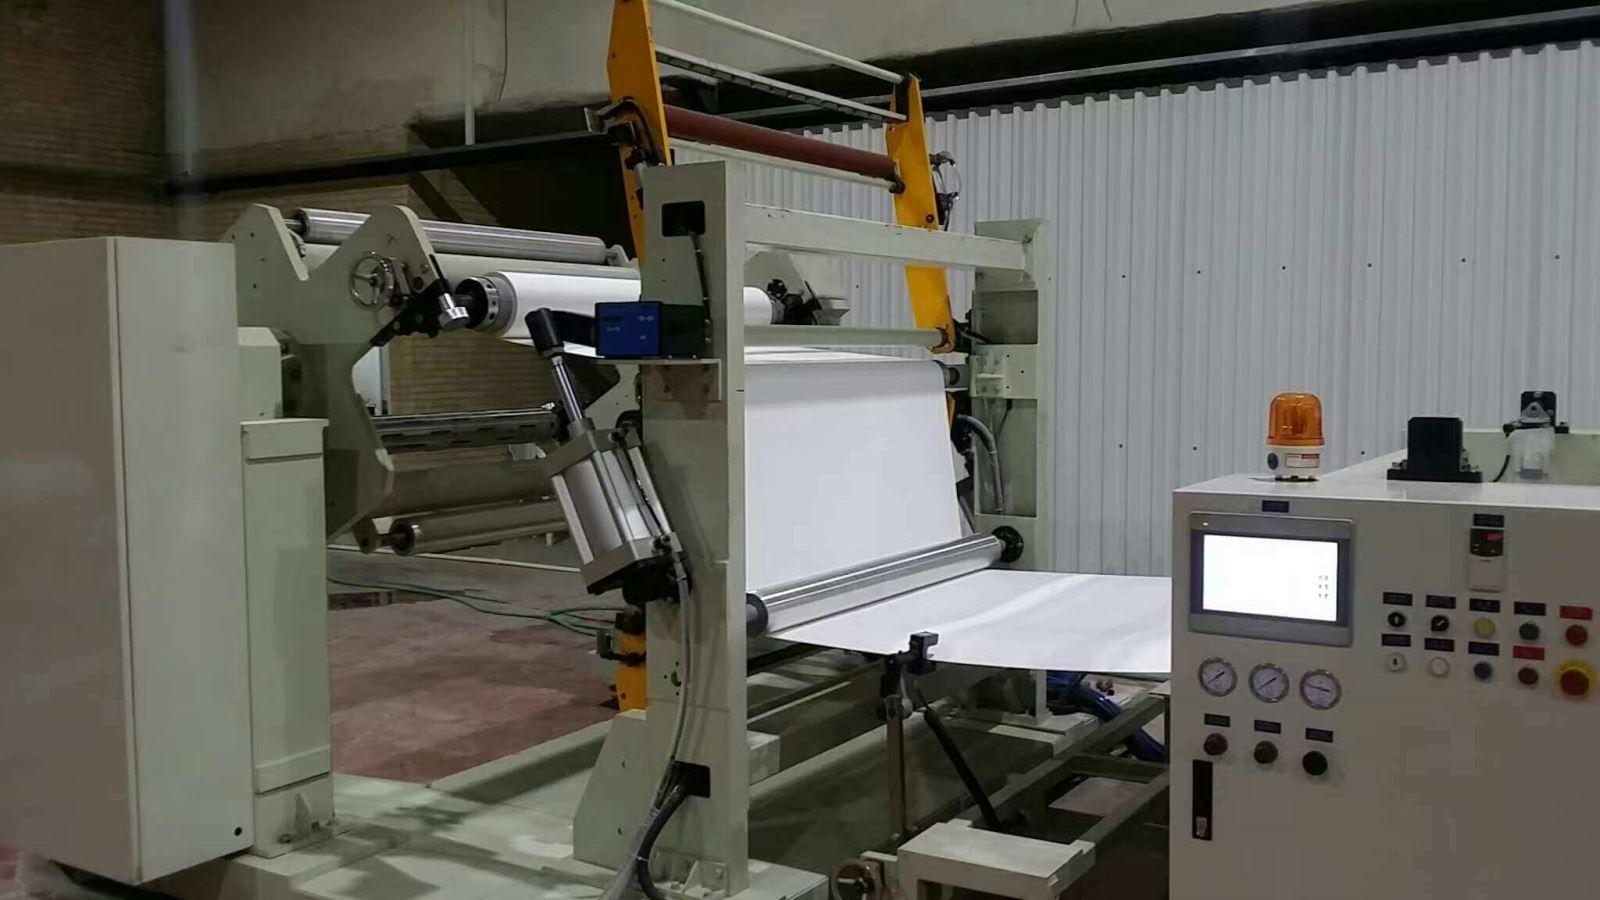 خط تولید کاغذ از سنگ-قیمت دستگاه تولید کاغذ از سنگ اهک-فیلم تولید کاغذ از سنگ-ماشین آلات تولید کاغذ از سنگ آهک